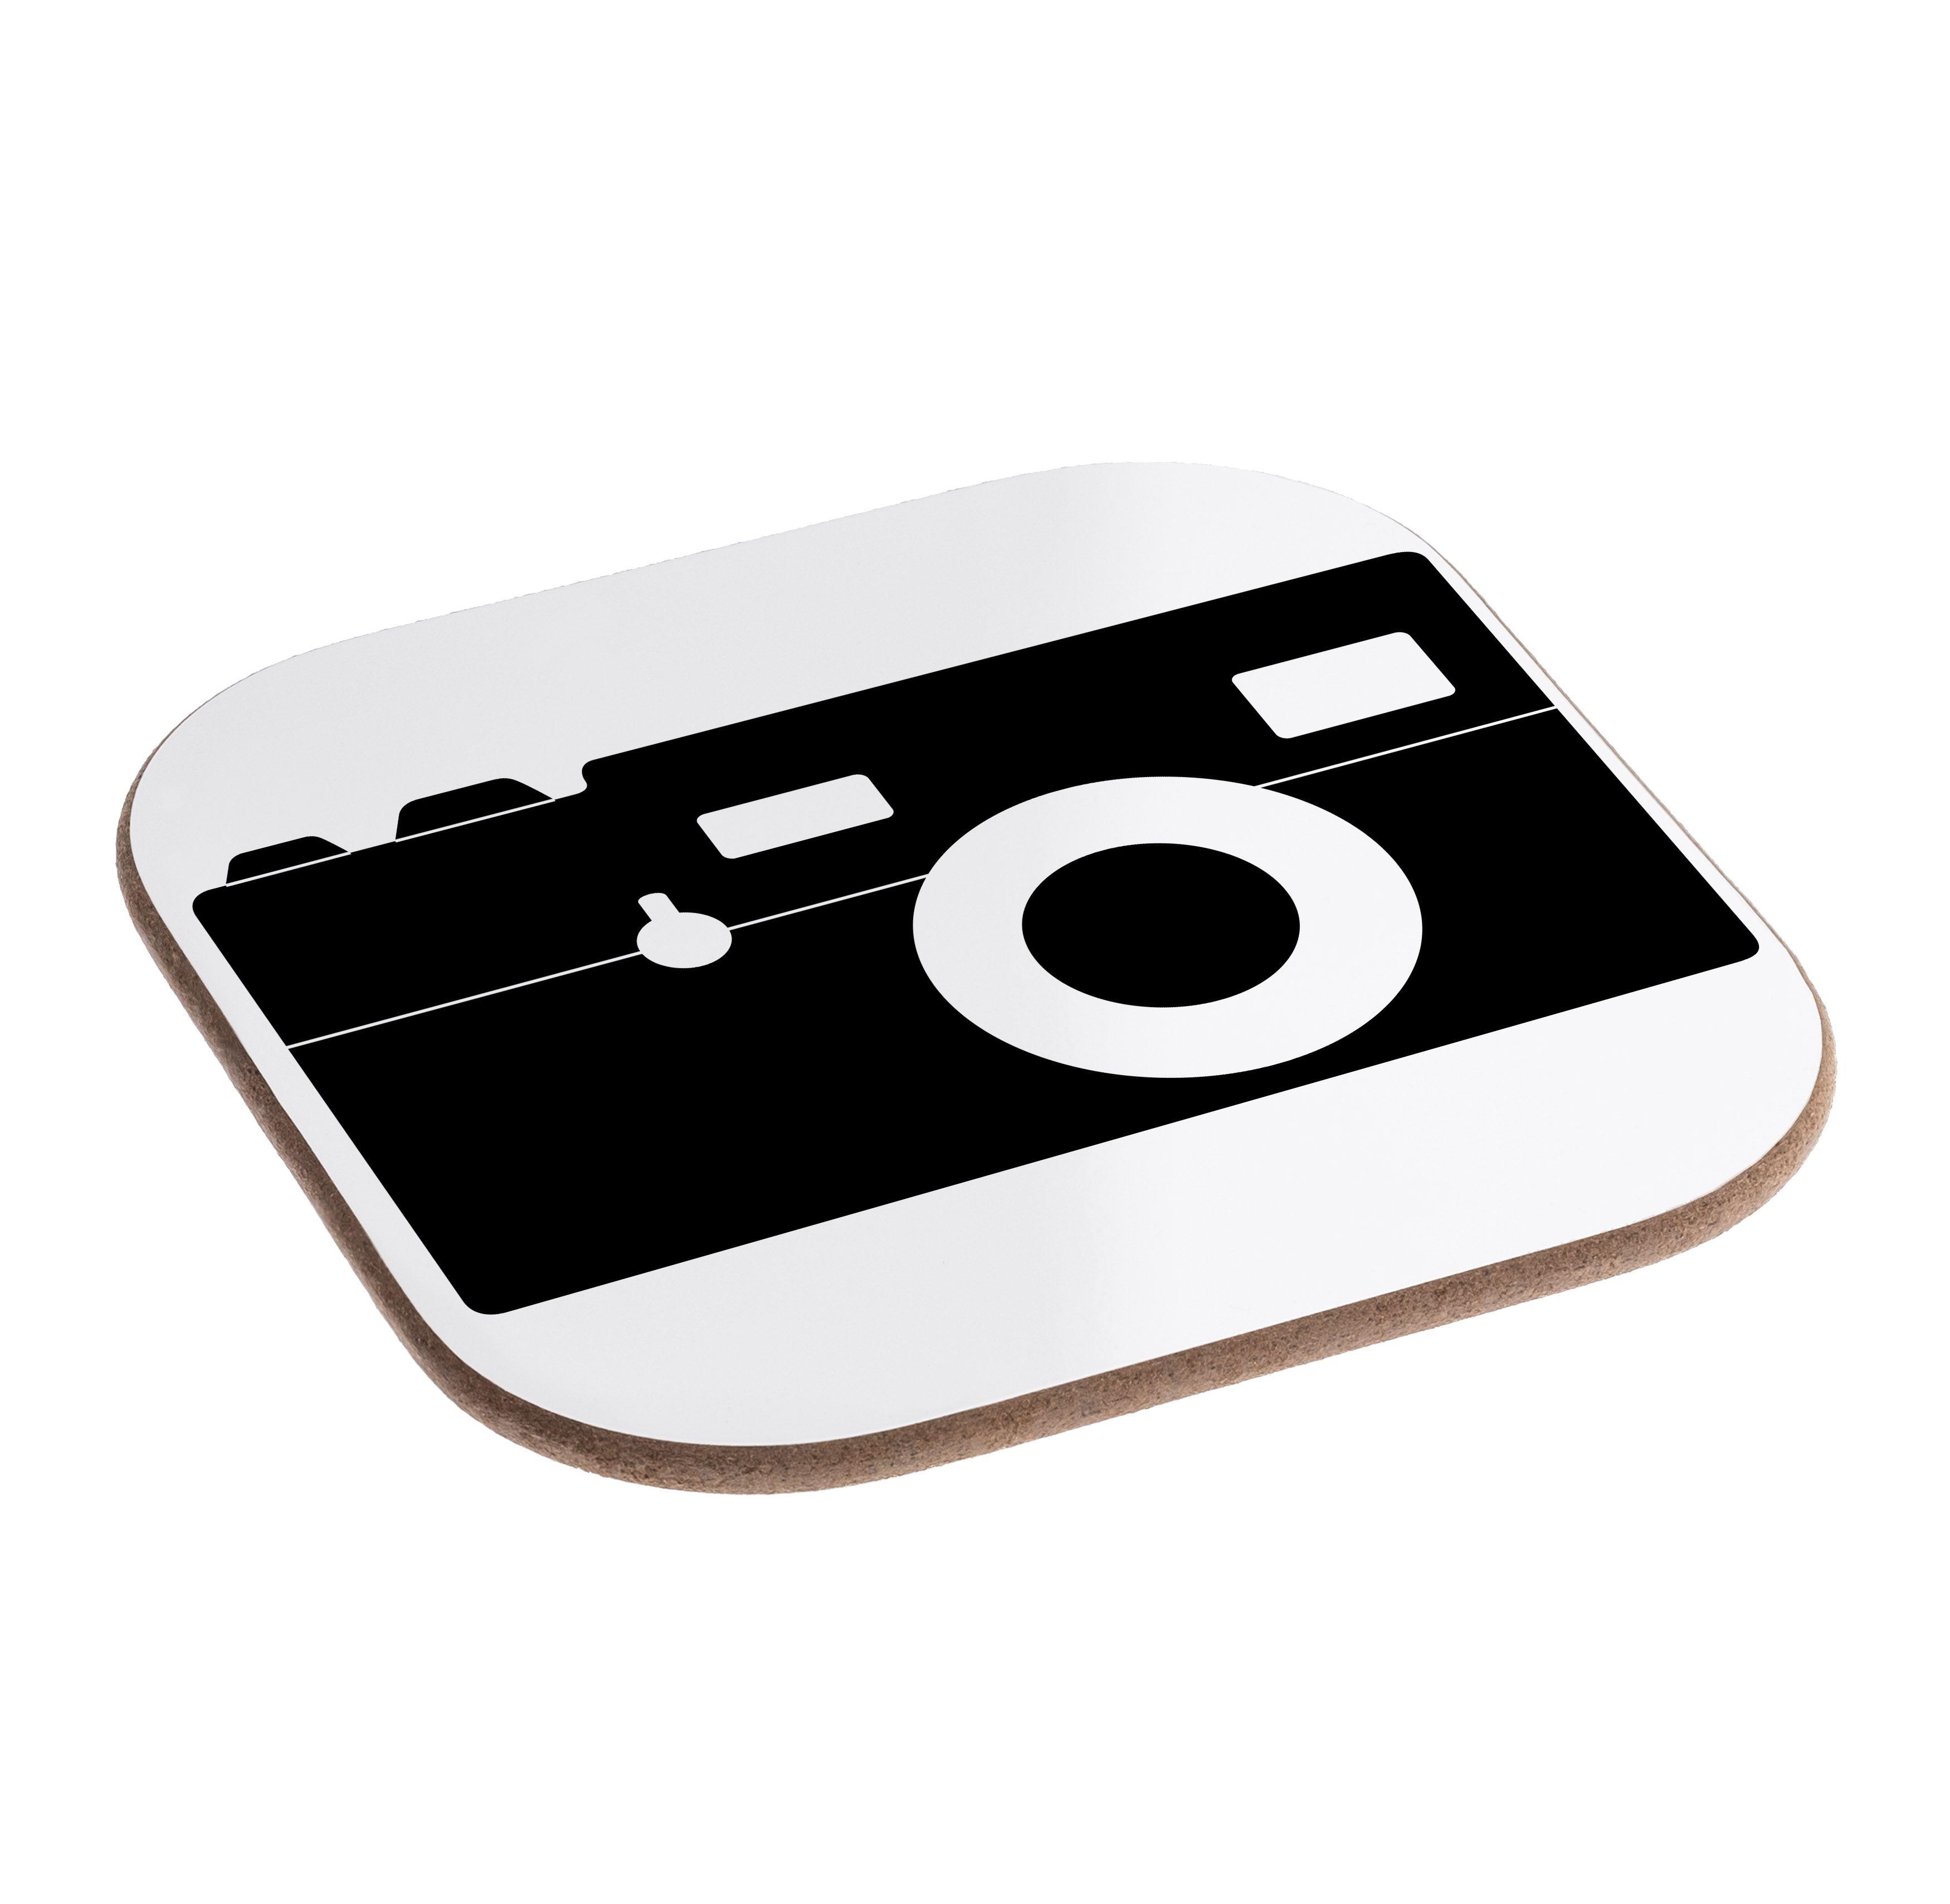 Quadratische Untersetzer Kamera aus Hartfaser  natur - Das Original von Mr. & Mrs. Panda.  Dieser wunderschönen Untersetzer von Mr. & Mrs. Panda wird in unserer Manufaktur liebevoll bedruckt und verpackt. Er bestitz eine Größe von 100x100 mm und glänzt sehr hochwertig. Hier wird ein Untersetzer verkauft, sie können die Untersetzer natürlich auch im Set kaufen.    Über unser Motiv Kamera  Diese Retro-Kamera gefällt bestimmt nicht nur professionellen Fotografen, sondern lässt auch jedes…